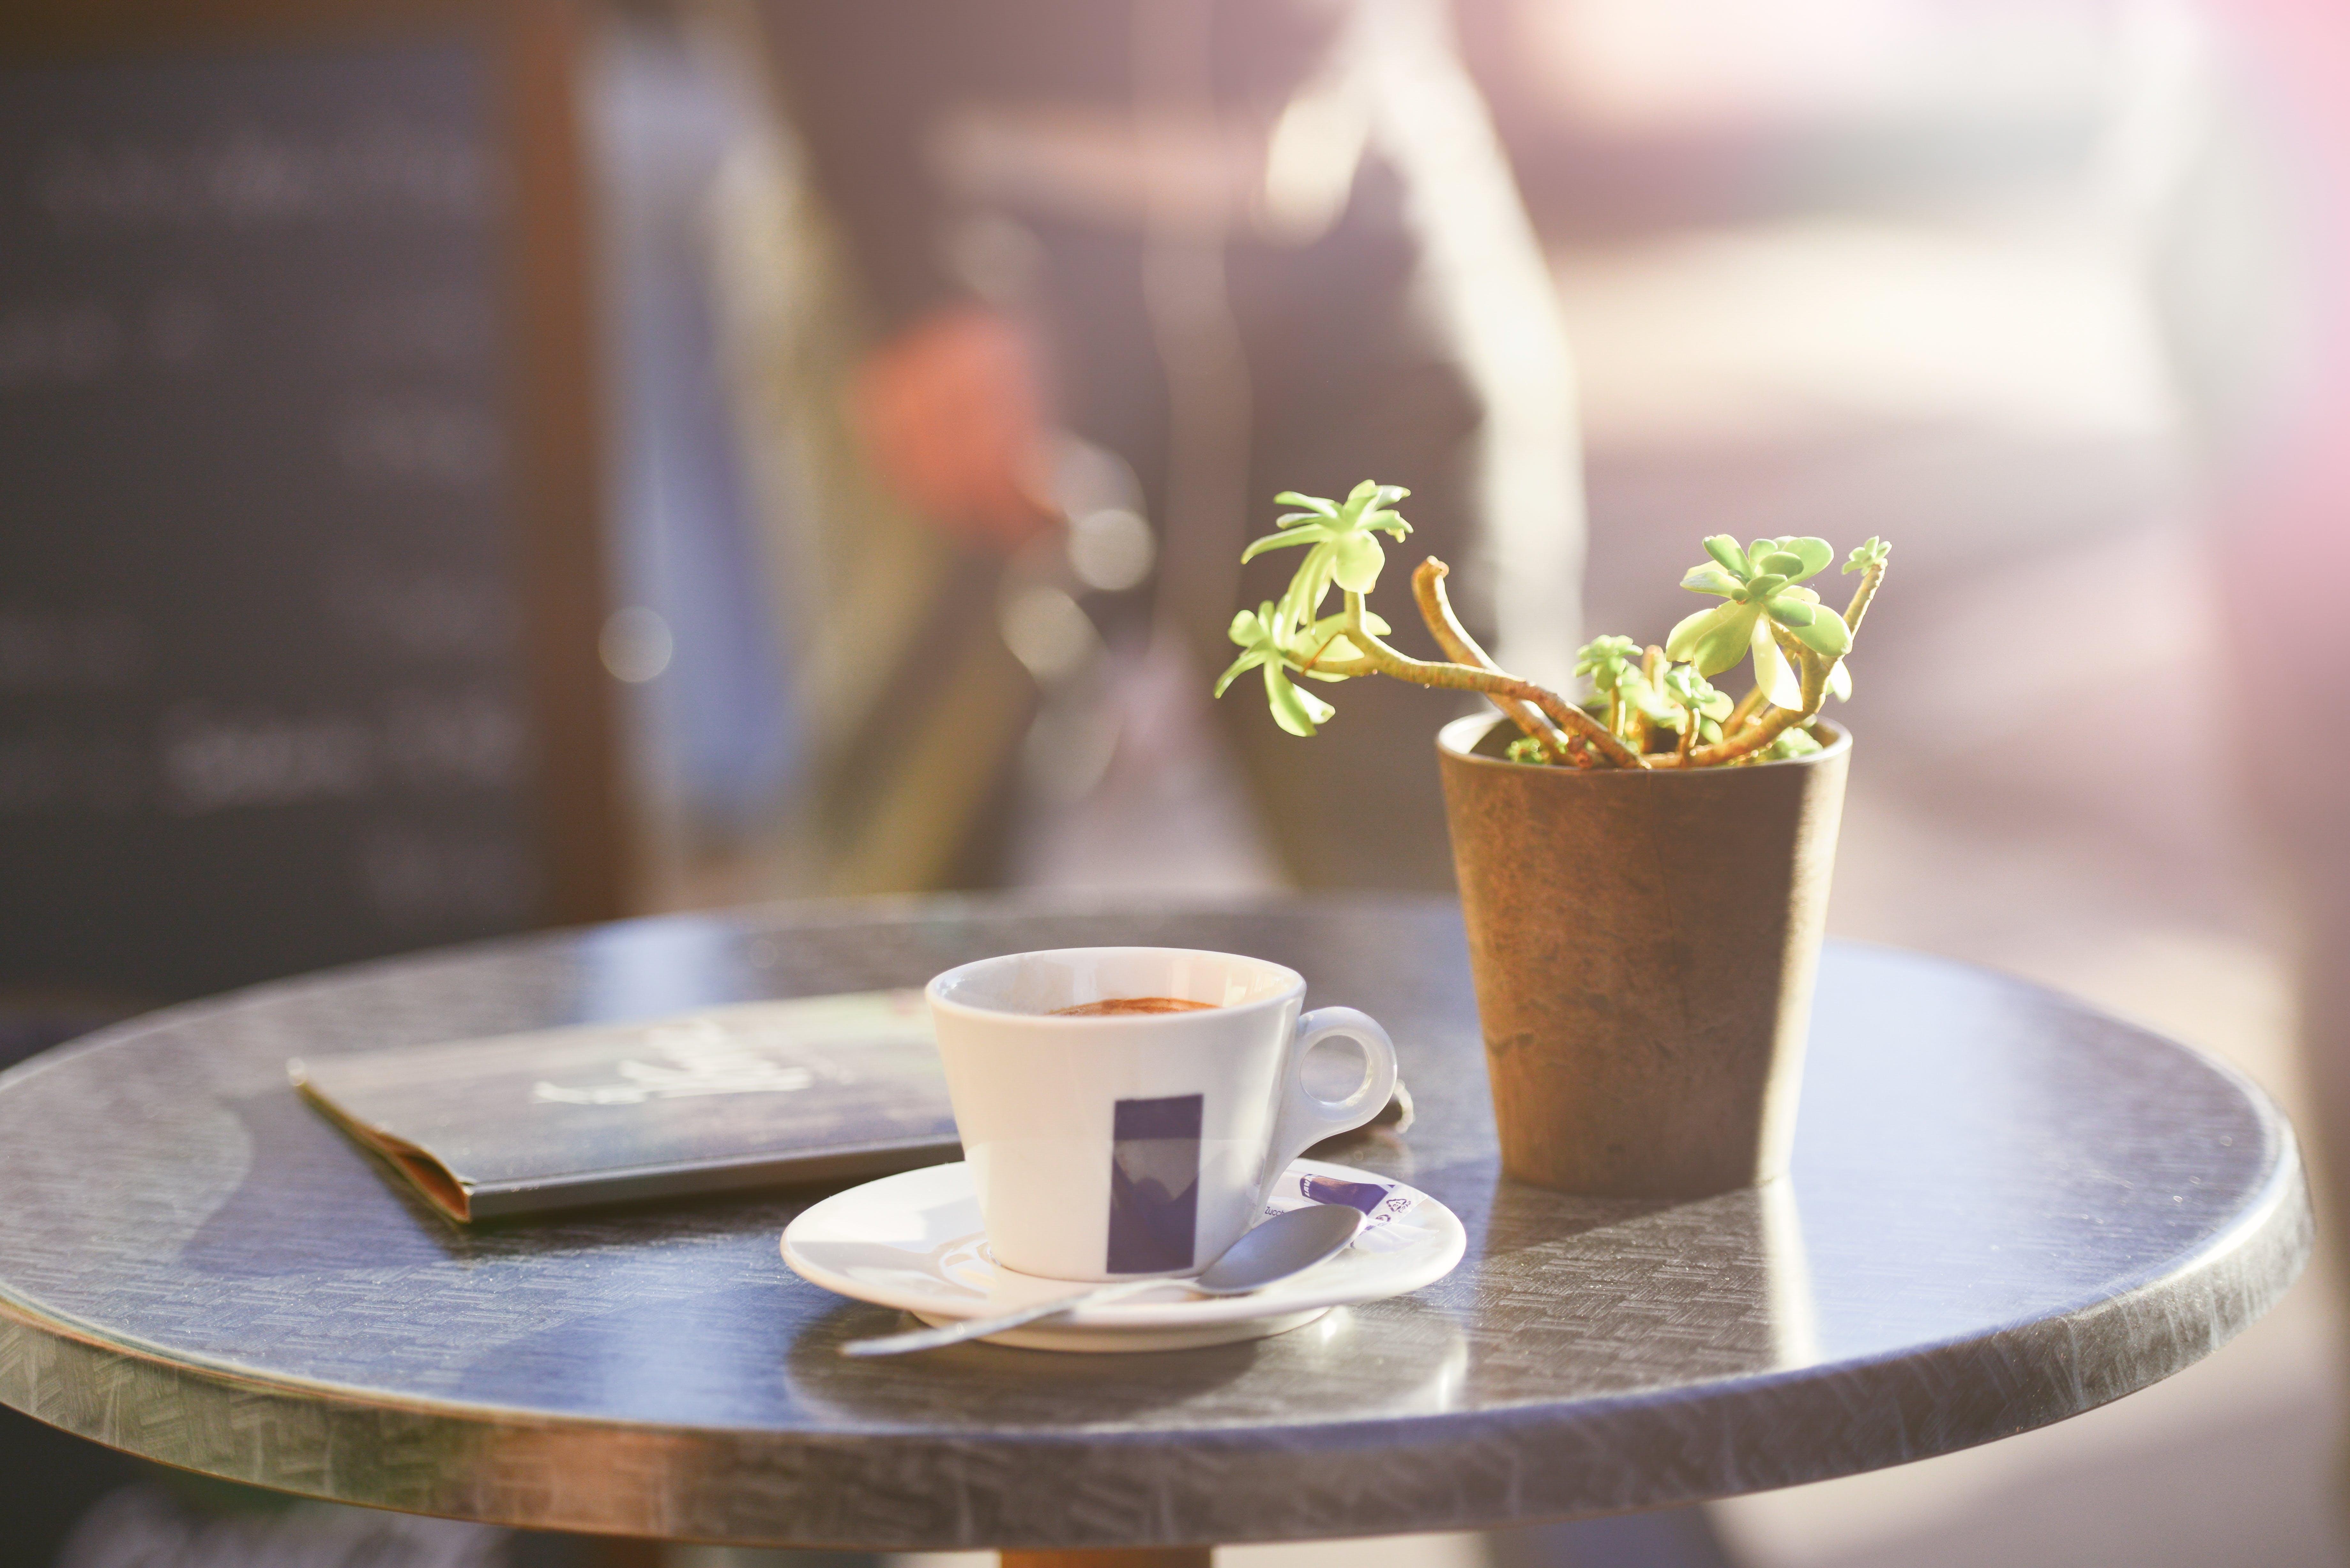 café, coffee, espresso